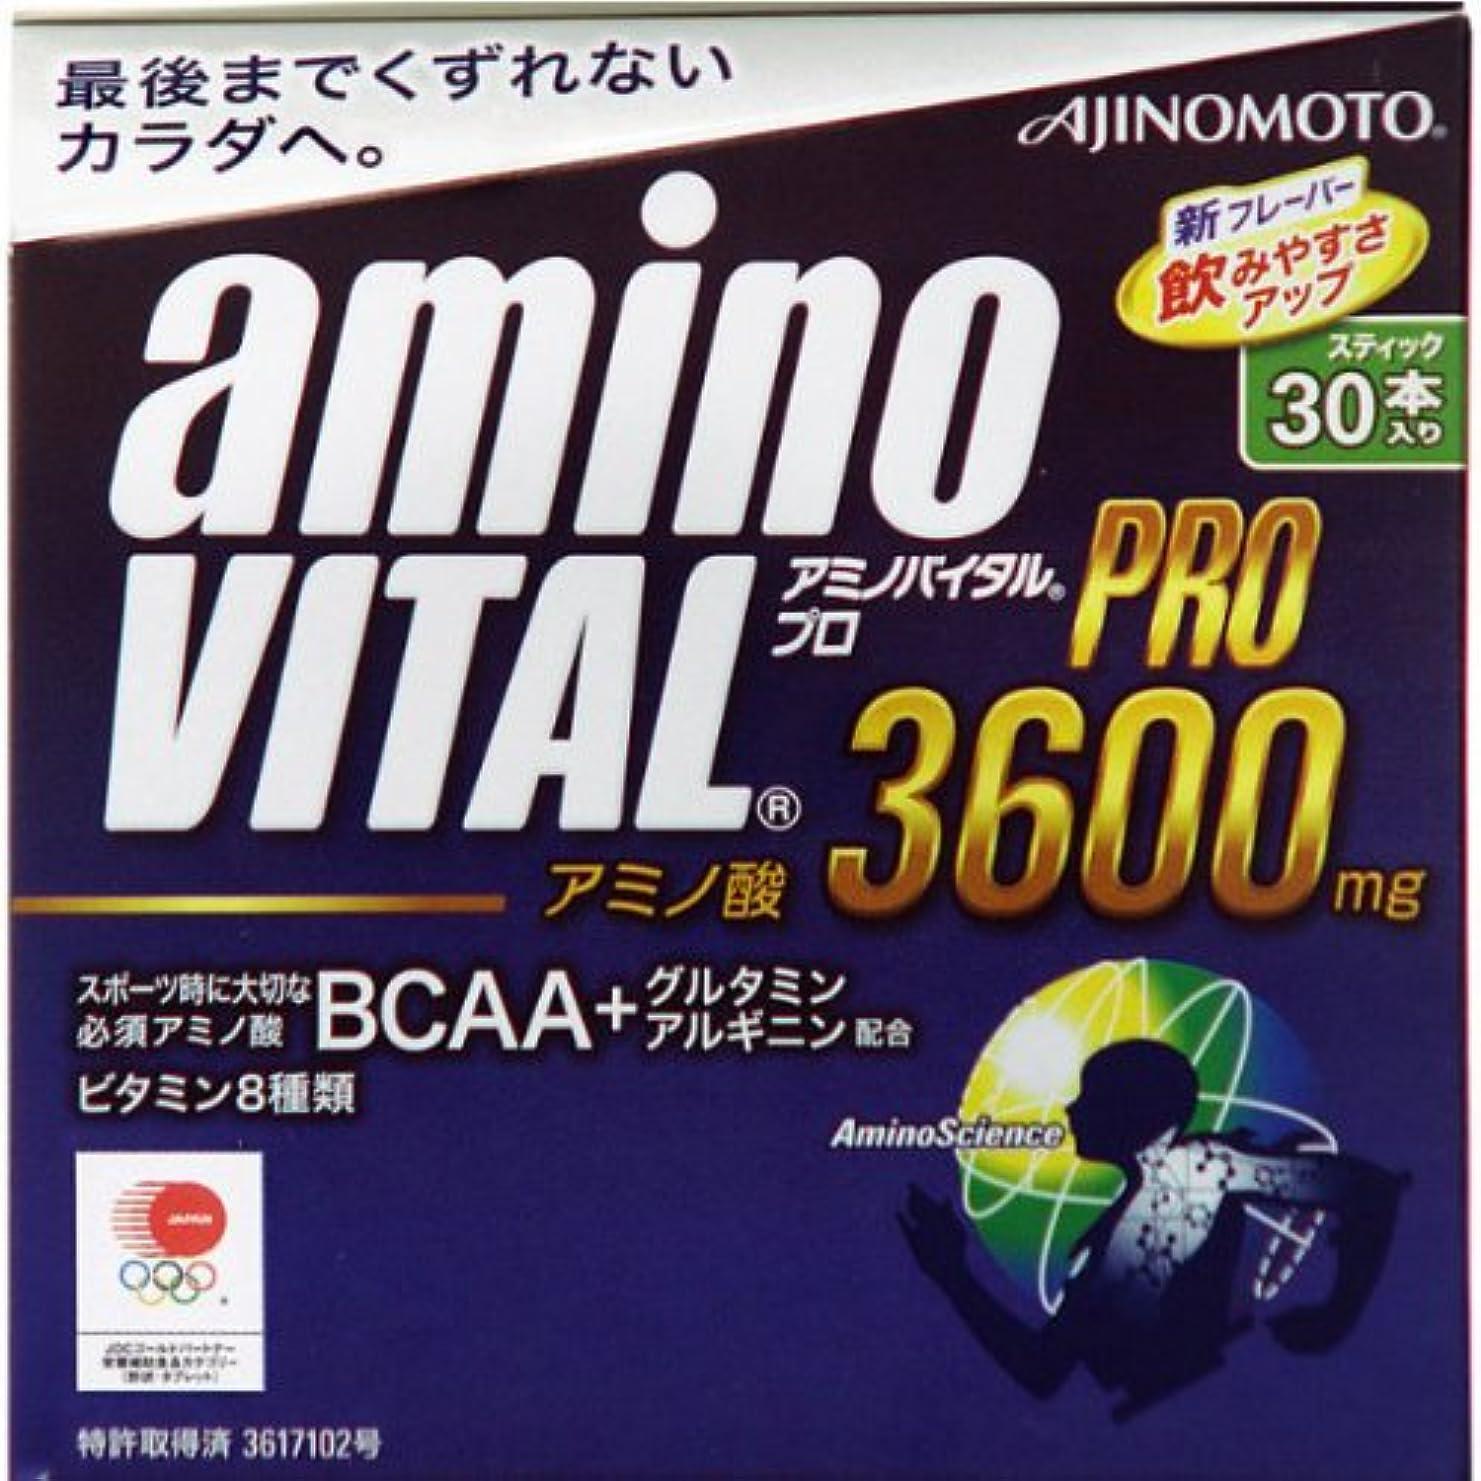 不注意デモンストレーション既婚amino VITAL アミノバイタル プロ アミノ酸3600mg 4.5g×30本入り